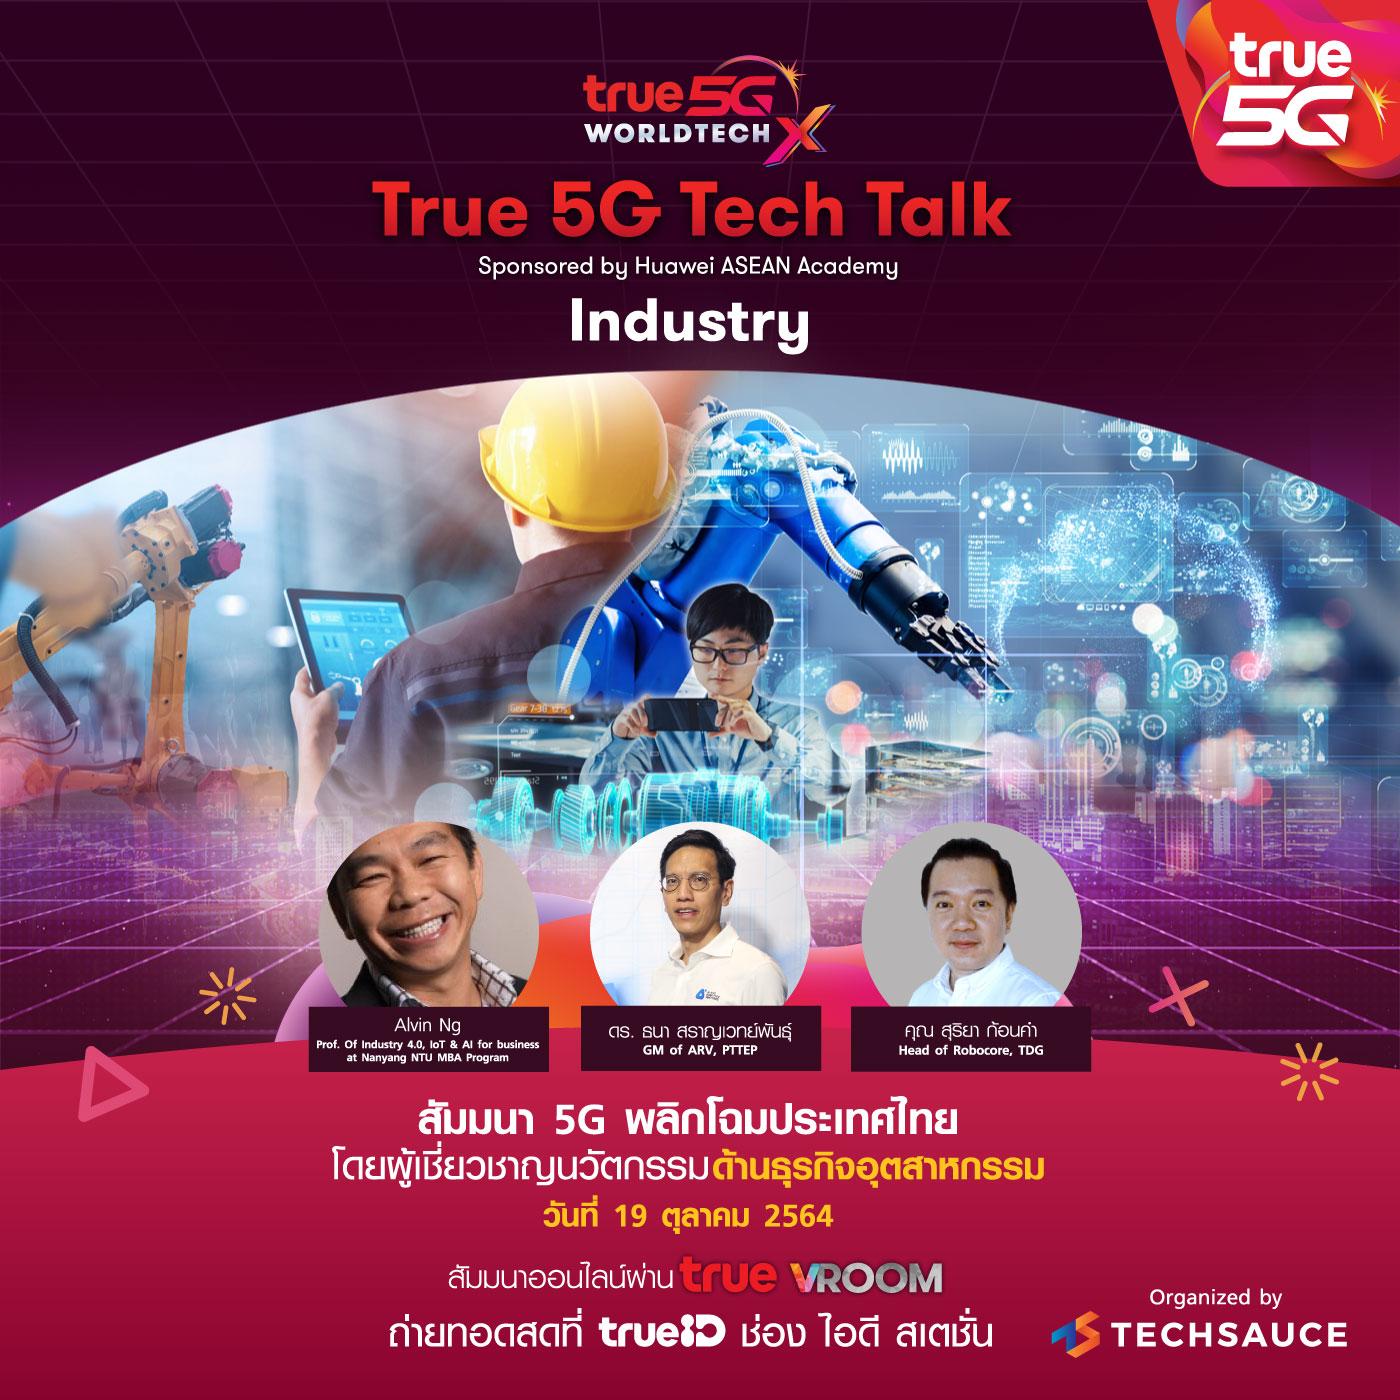 ร่วมฟังมุมมองของผู้เชี่ยวชาญด้านธุรกิจอุตสาหกรรมในงาน True 5G Tech Talk  งานสัมมนา 5G พลิกโฉมประเทศไทย ครั้งที่ 5  ฟังฟรี 19 ต.ค. นี้ ผ่าน True VROOM พร้อมถ่ายทอดสดที่ ทรูไอดี ช่อง ไอดี สเตชั่น